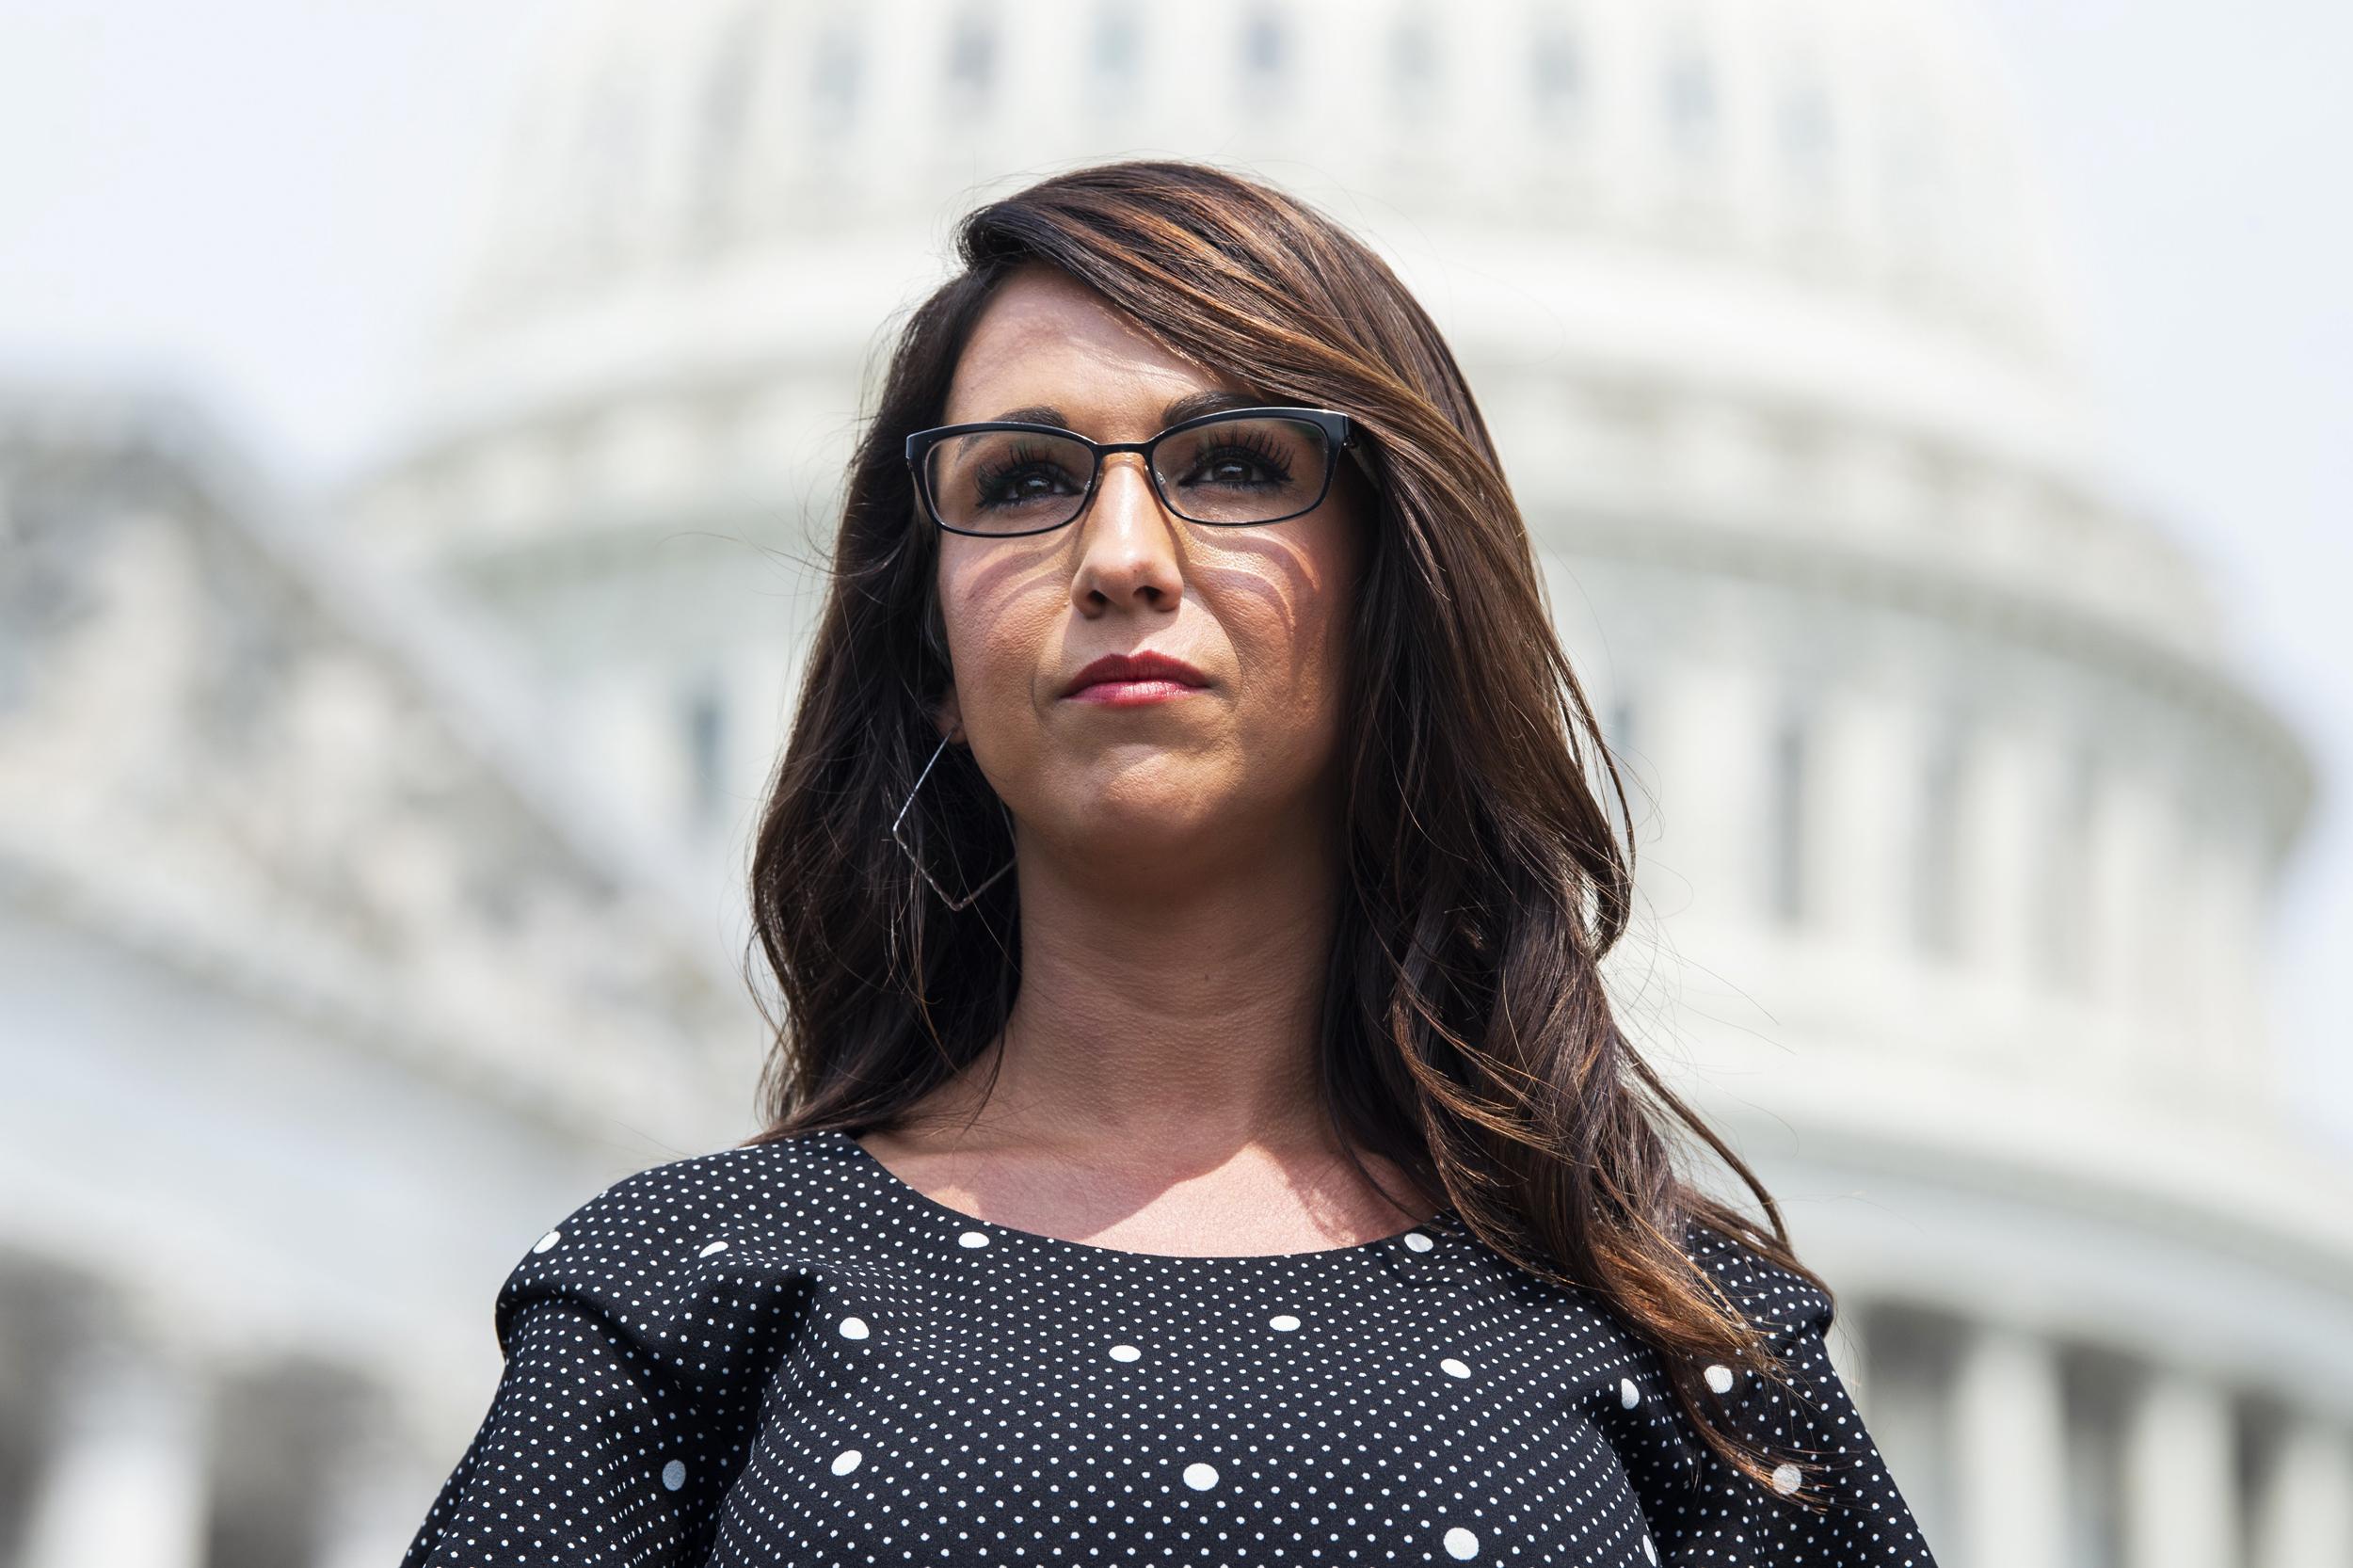 Rep. Lauren Boebert improperly used campaign funds for rent, utilities